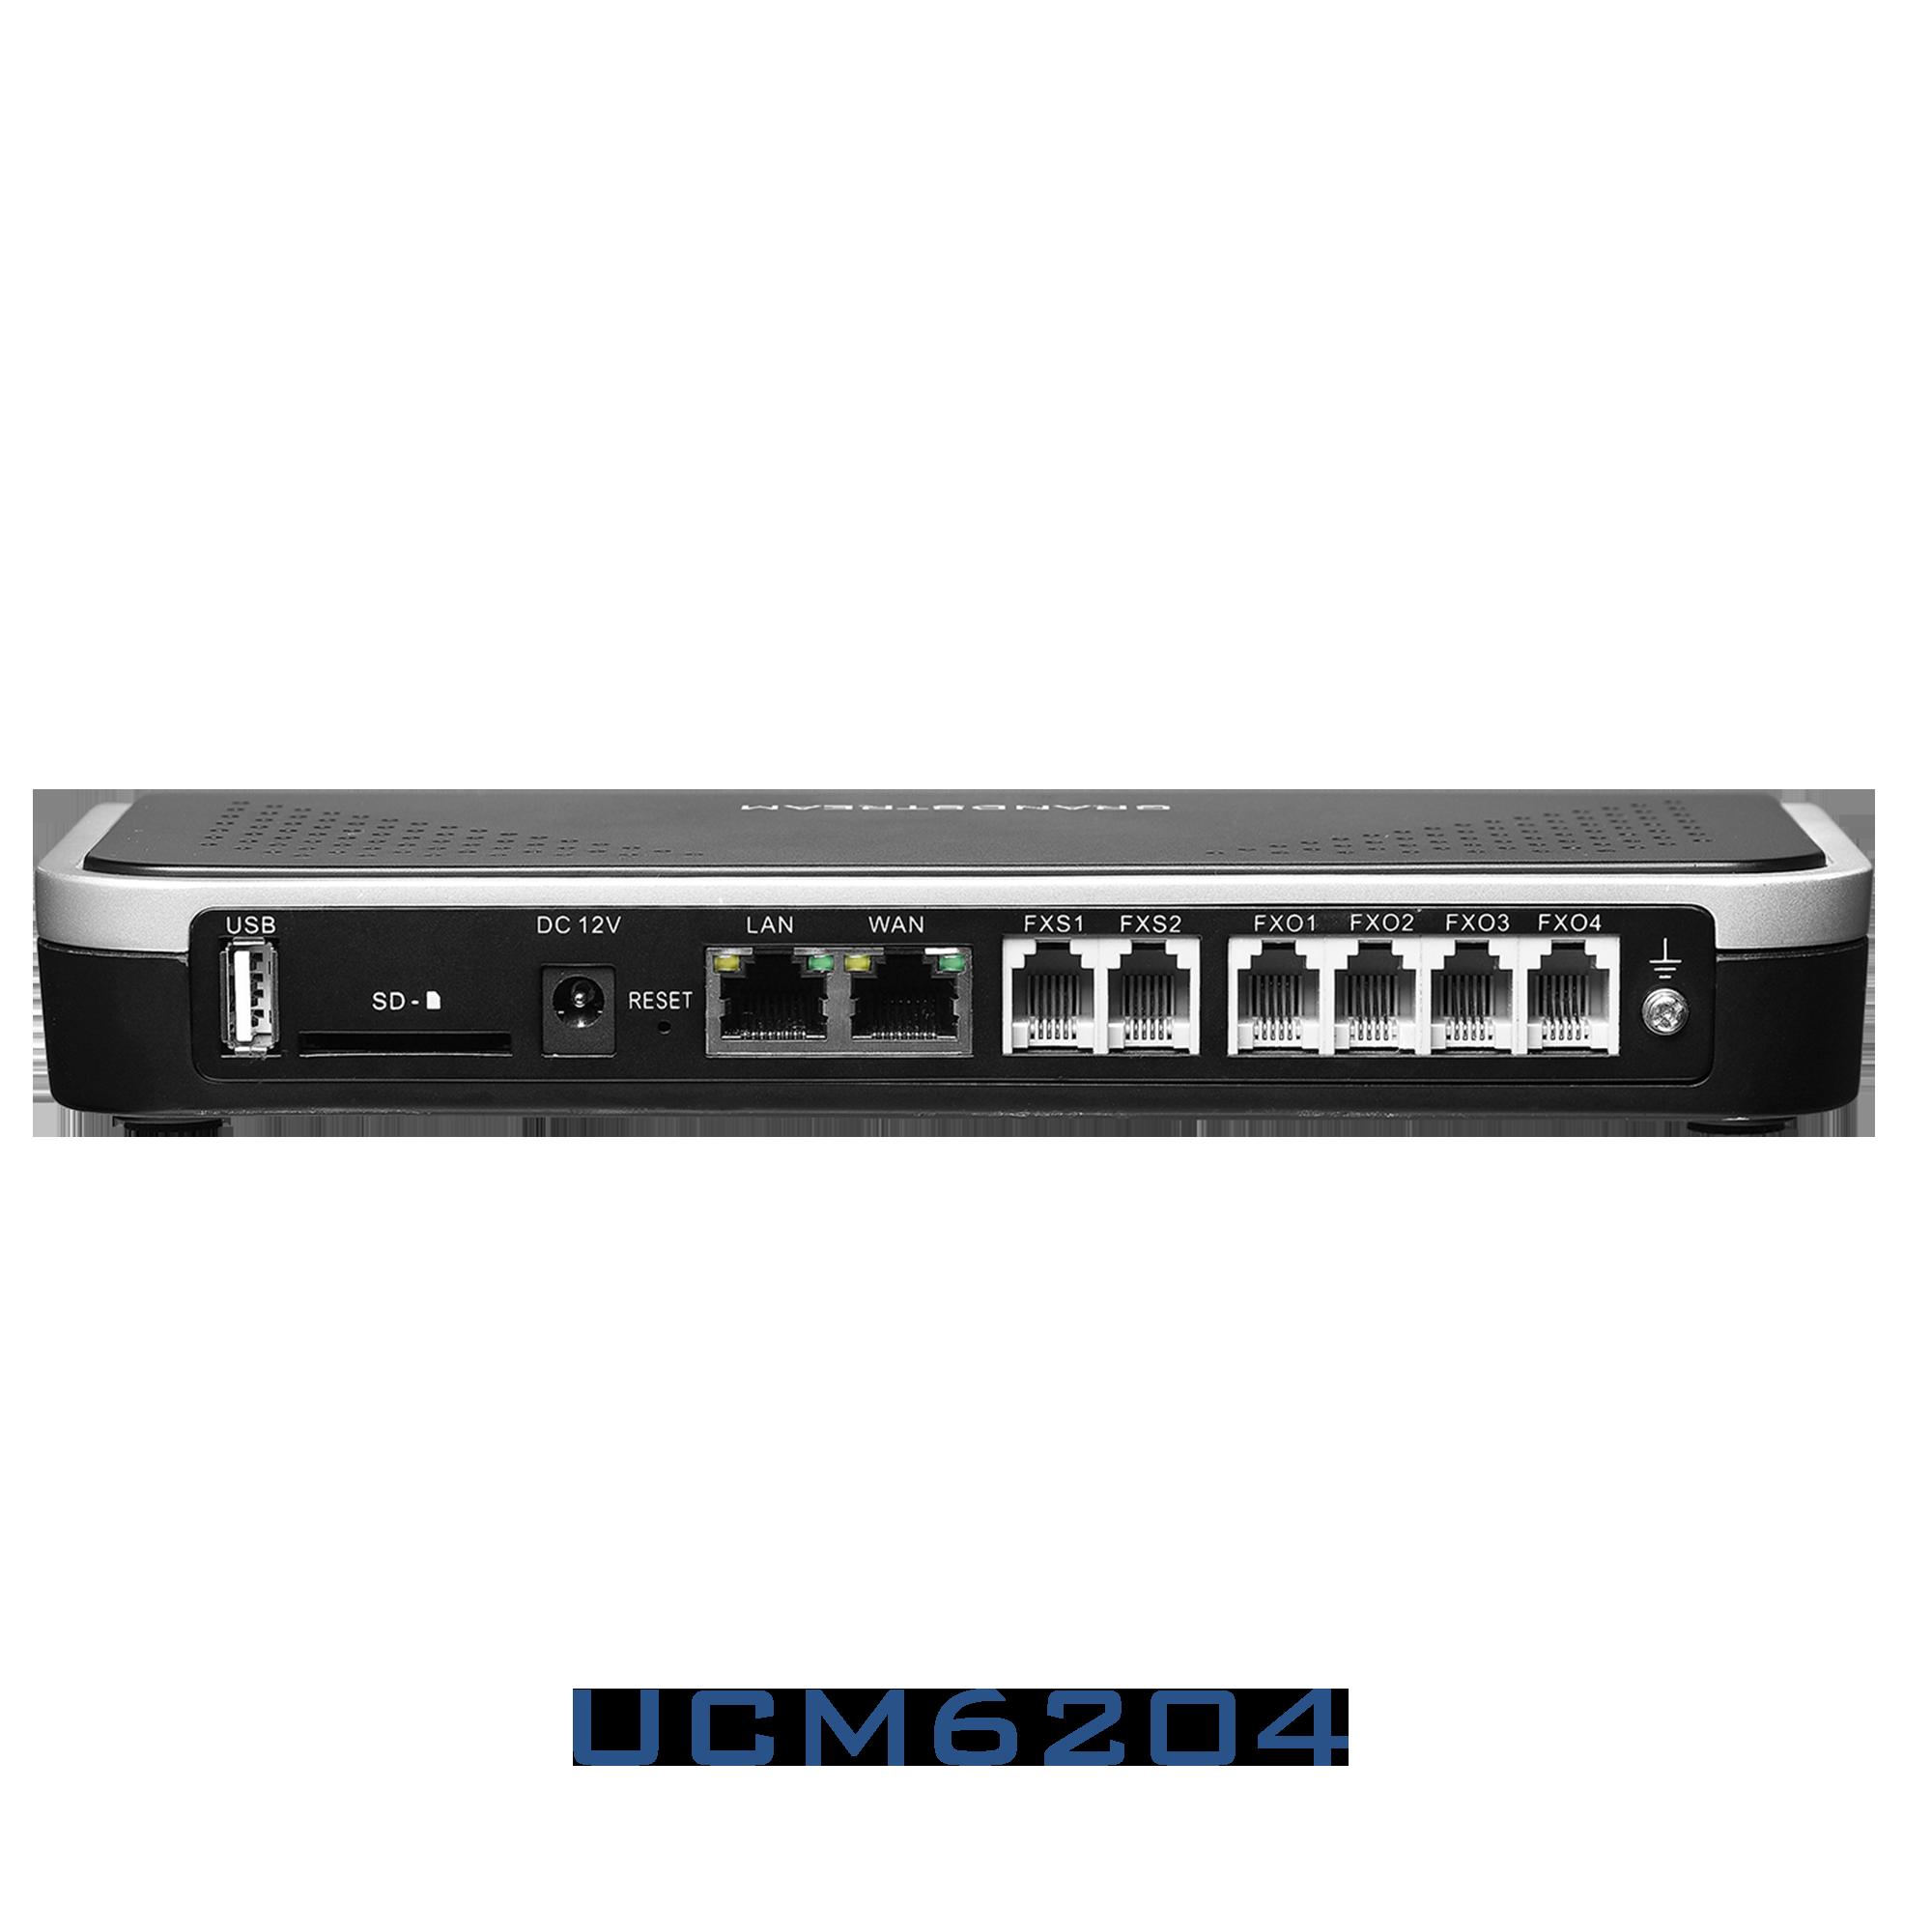 ucm6204_back_web